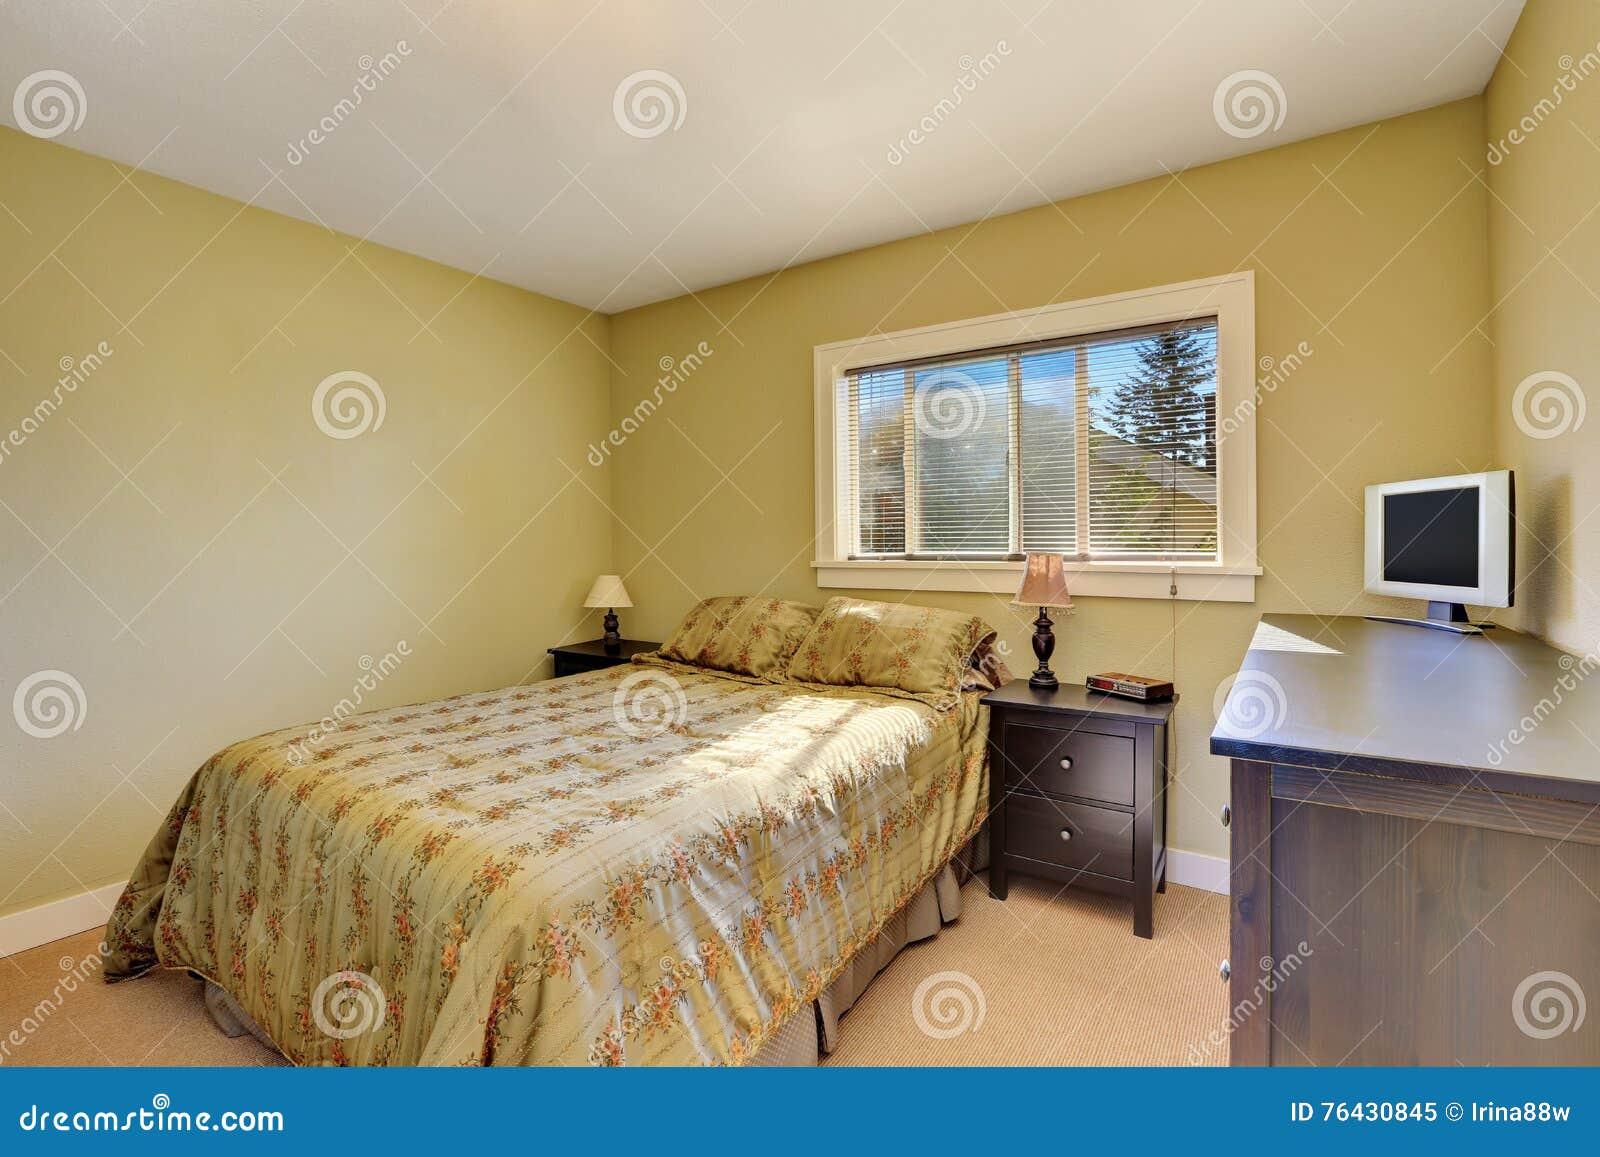 Gele Muur Slaapkamer : Eenvoudig slaapkamerbinnenland met gele muren stock afbeelding